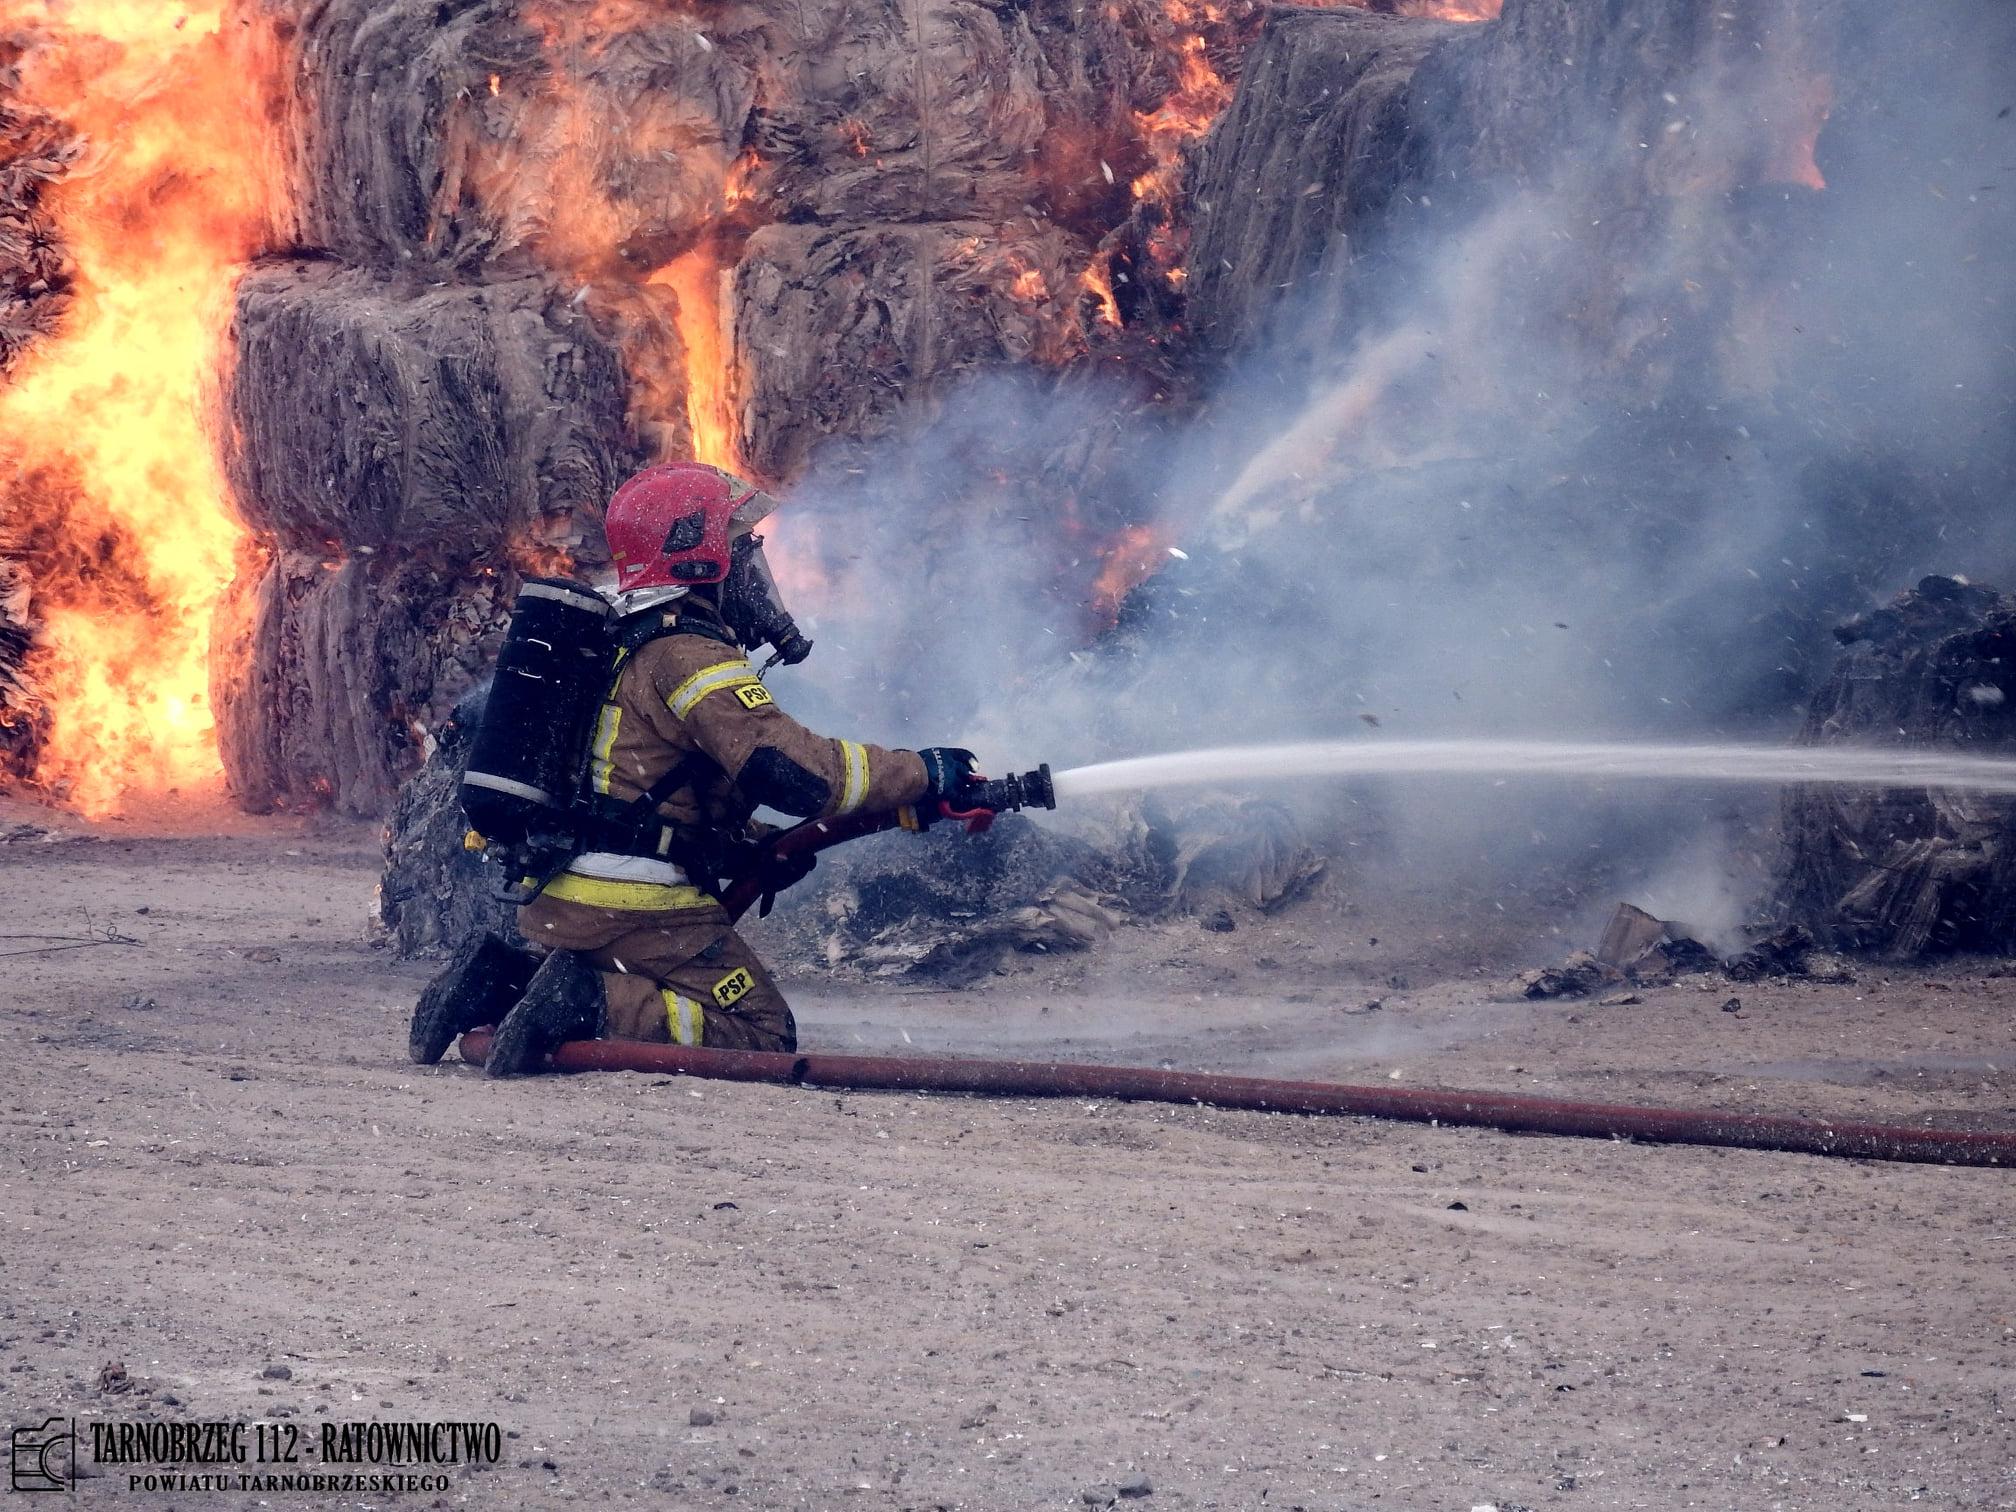 OGROMNY pożar! Skład makulatury w ogniu! [WIDEO, ZDJĘCIA] - Zdjęcie główne